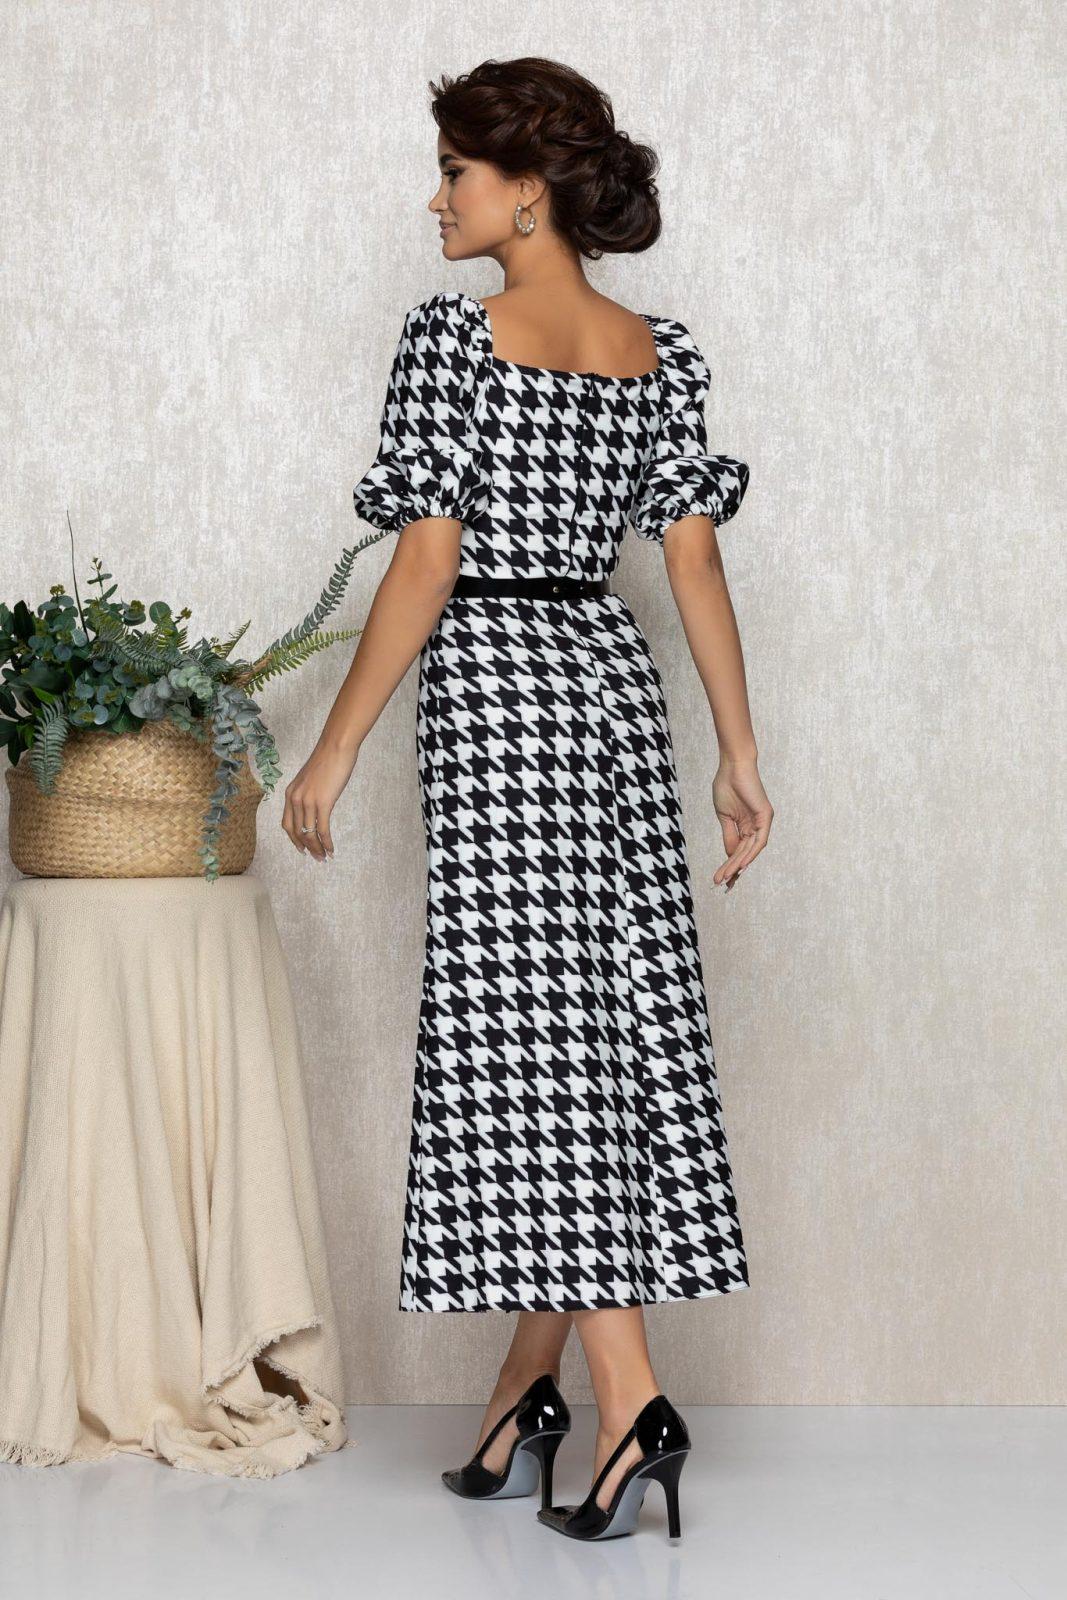 Ασπρόμαυρο Μίντι Φόρεμα Tyanna T164 2